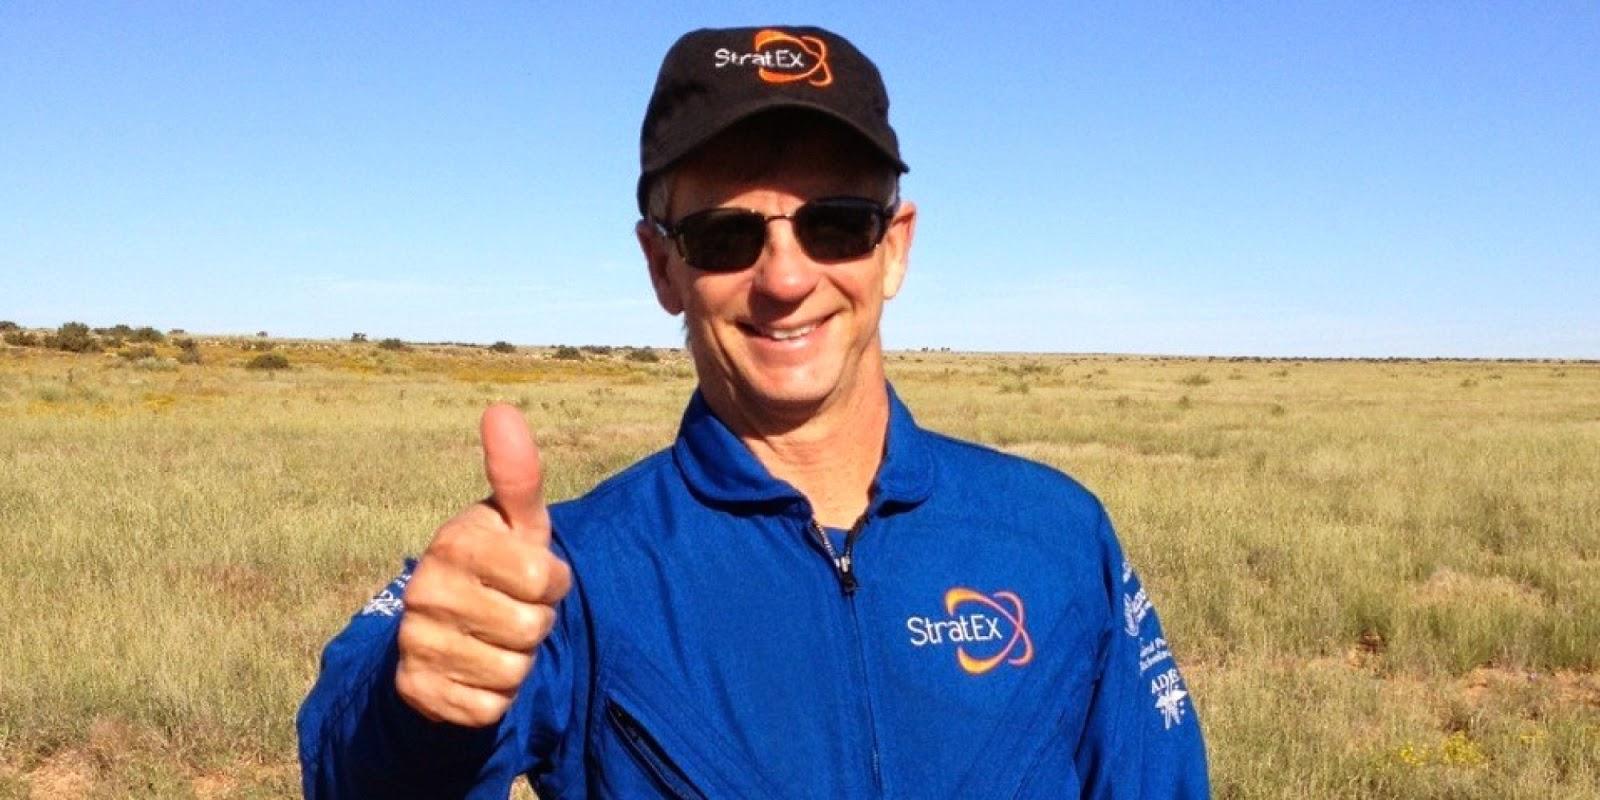 Alan Eustace Cipta Rekod Terjunan Tertinggi di Dunia 41148 meter